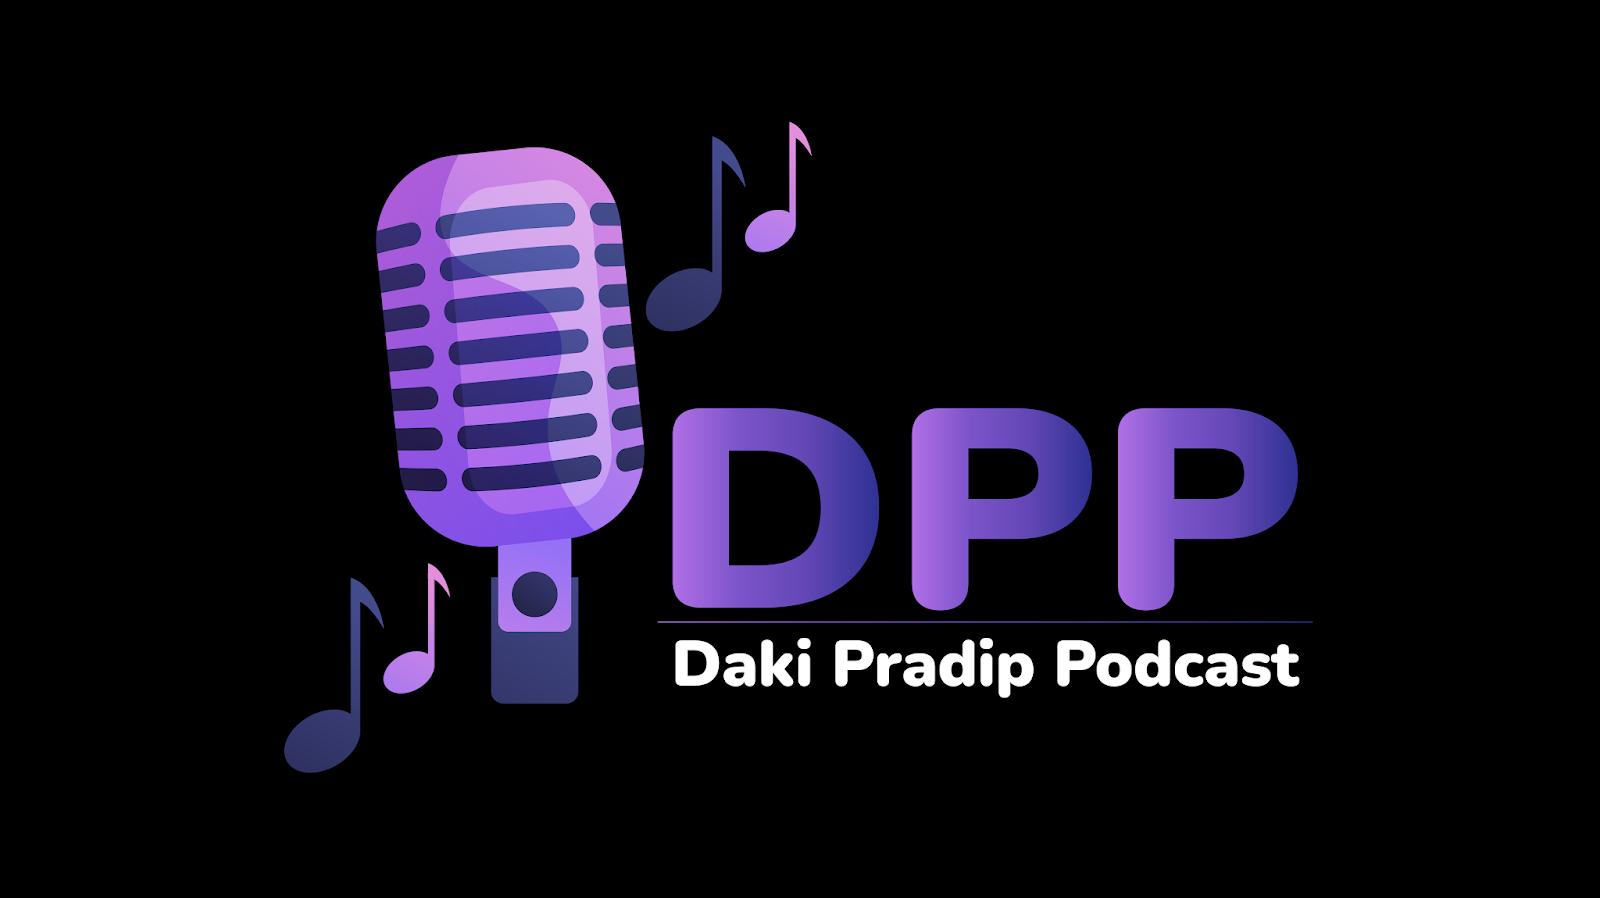 Pradip Daki Podcast | Best Podcast | Indian Podcast| Pradip Daki | Podcastaddict